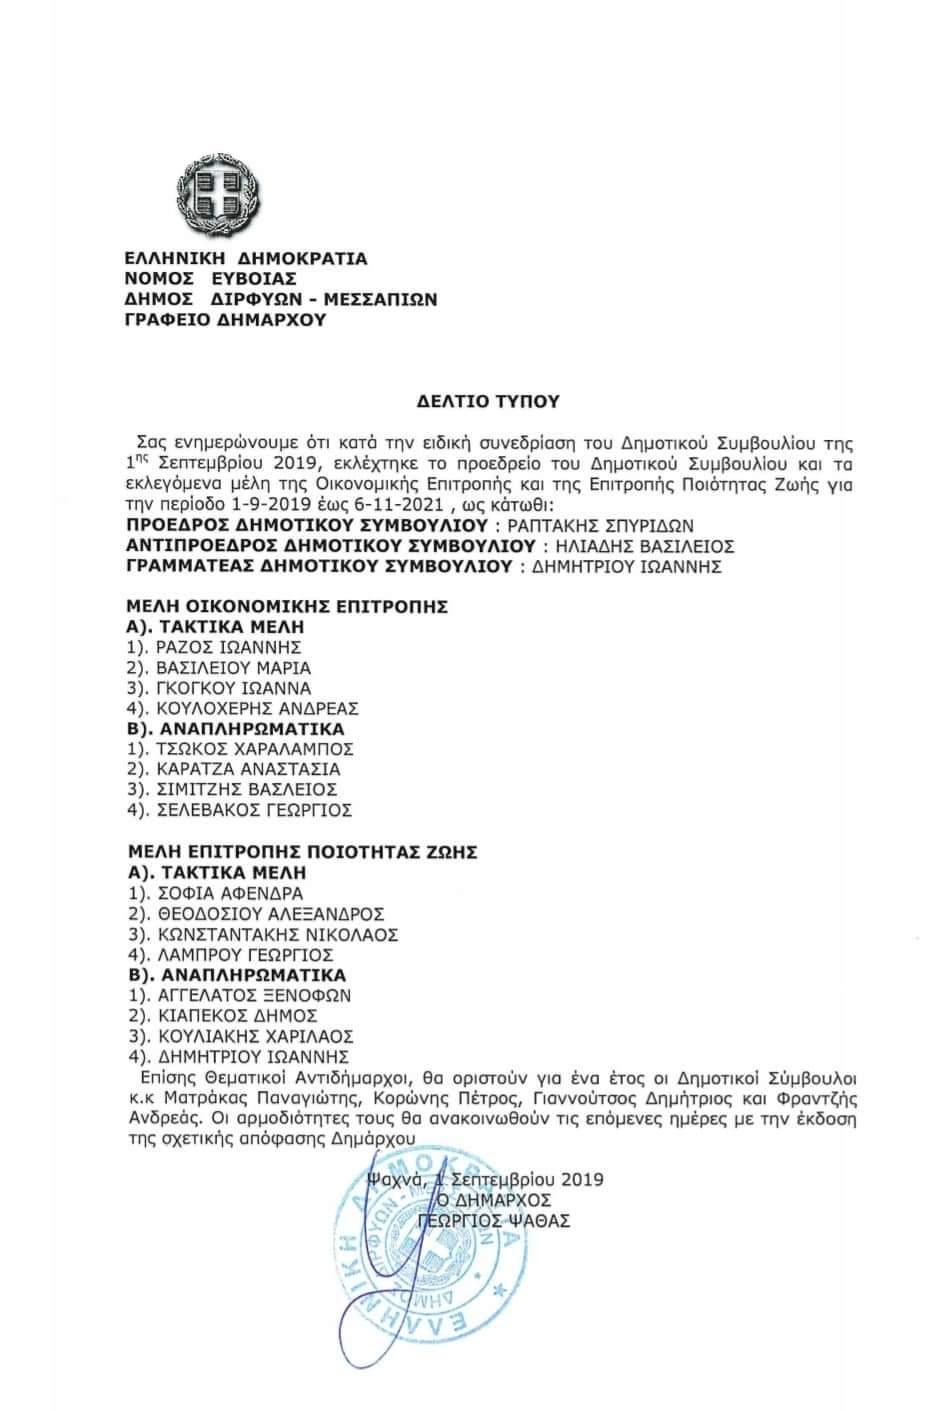 Νέος Πρόεδρος Δημοτικού συμβουλίου ο Σπύρος Ραπτάκης και νέοι Αντιδήμαρχοι οι Δημήτρης Γιαννούτσου και Αντρέας Φραντζής received 469386523669496